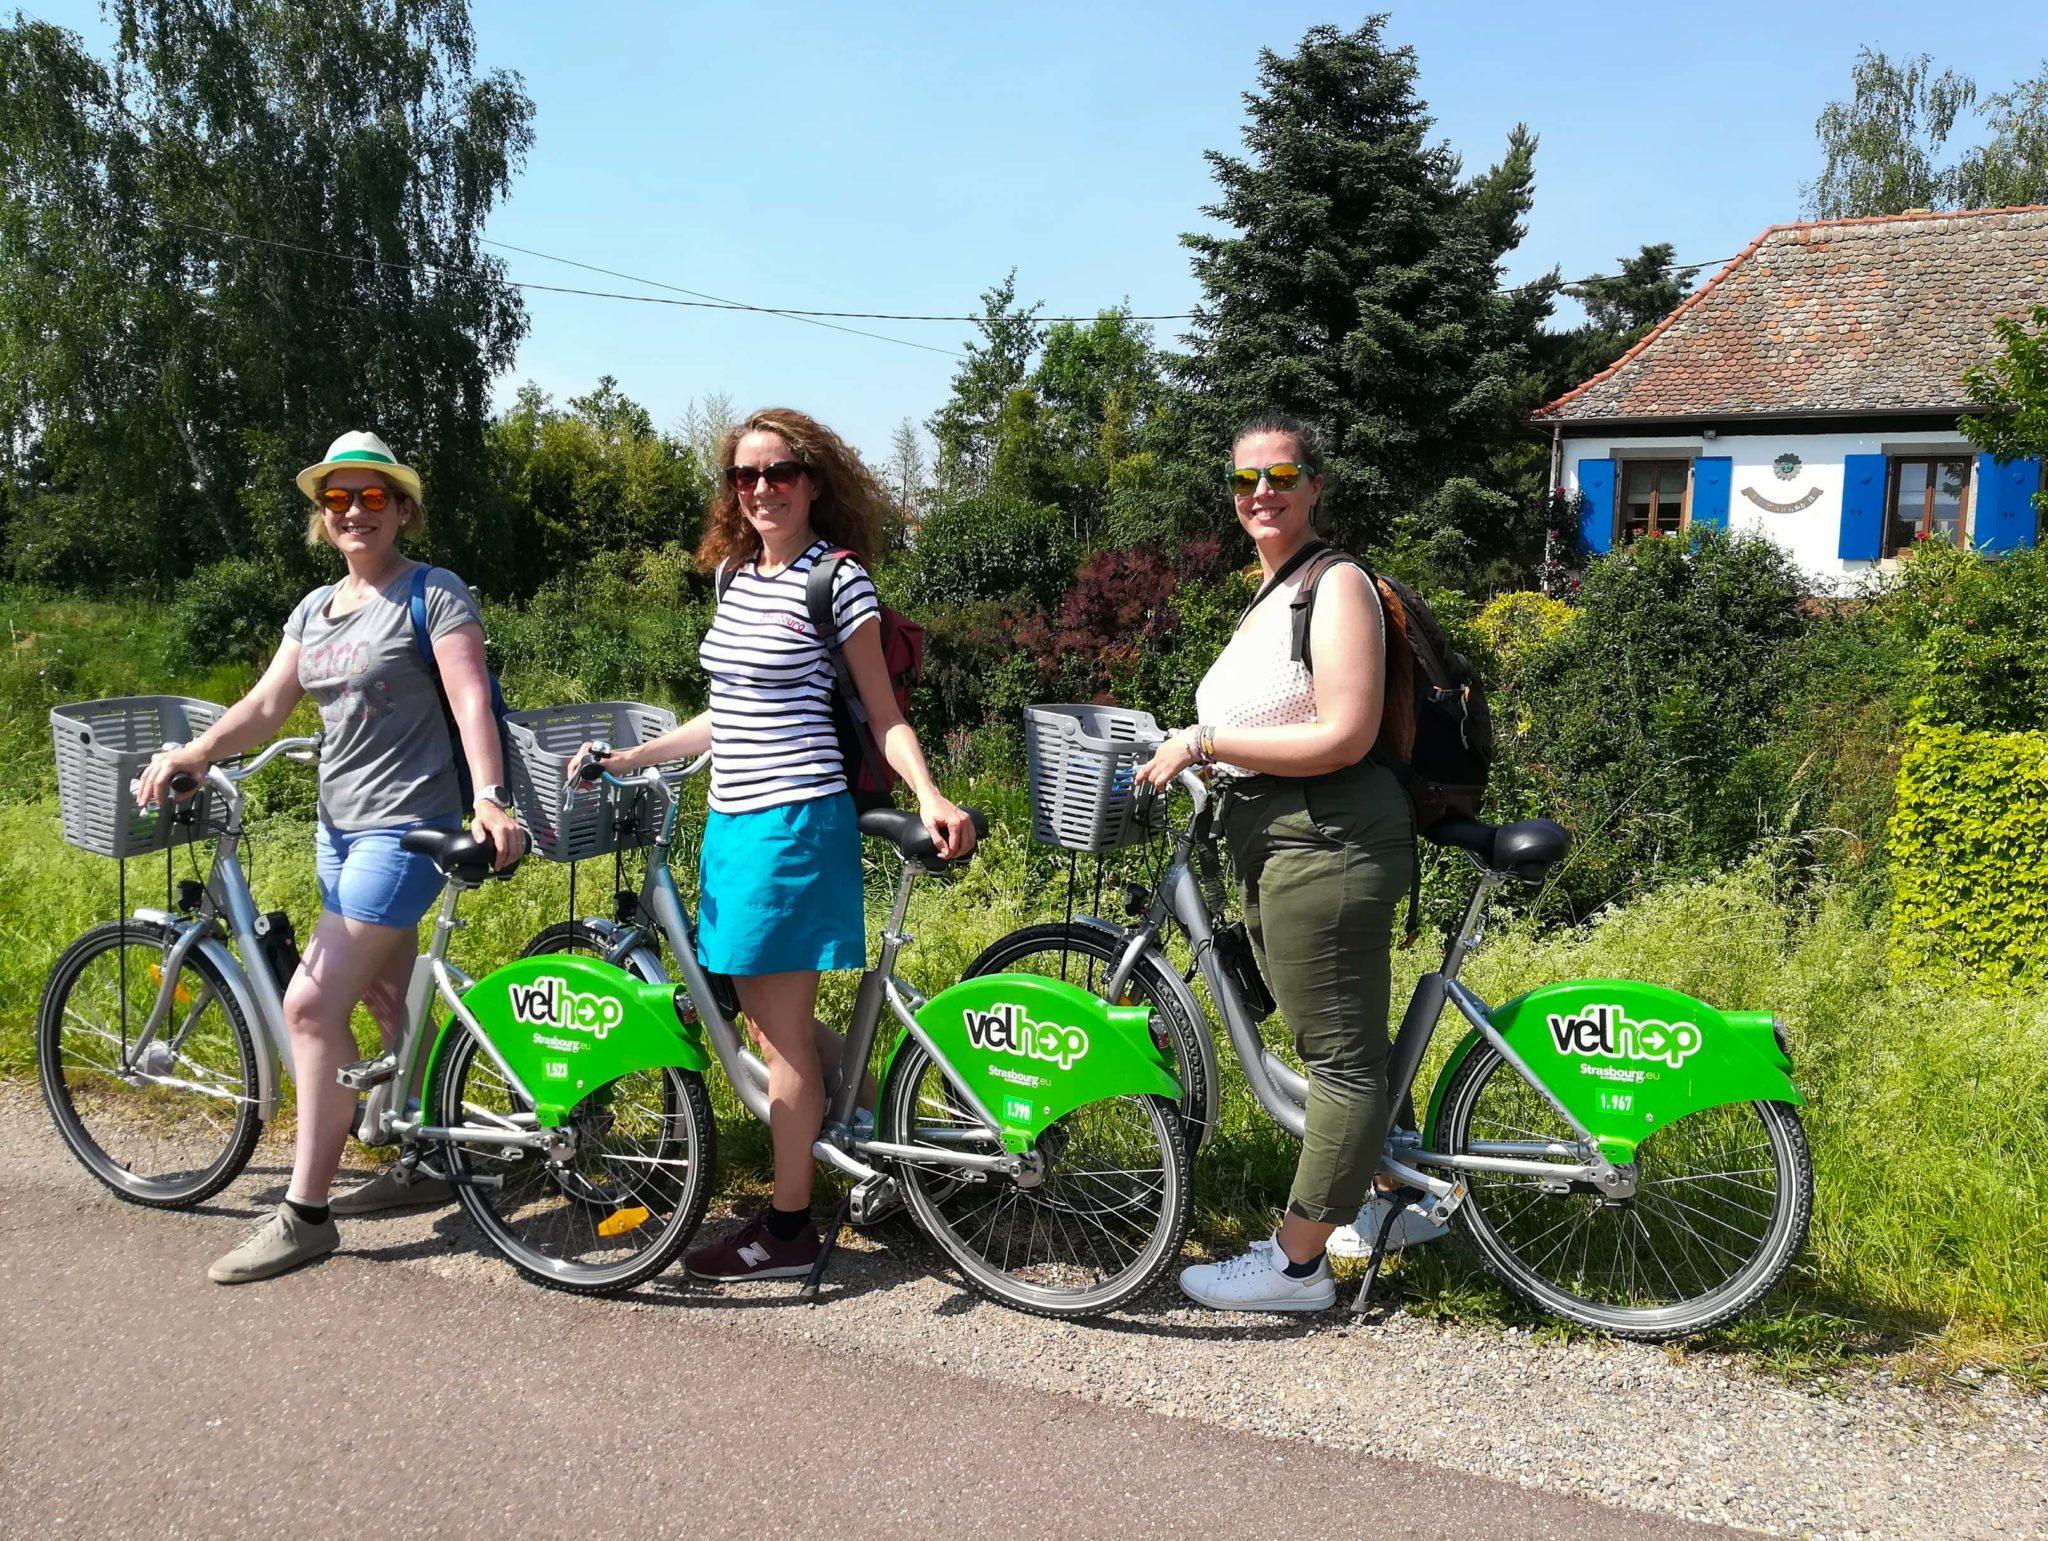 Faire du vélo à Strasbourg - Visiter Strasbourg au fil de l'eau: 2 jours dans la capitale alsacienne entre amies - Par Voyages et Vagabondages, le blog du voyage en solo au féminin - Récit, photos, conseils, idées de visite et bonnes adresses pour visiter Strasbourg